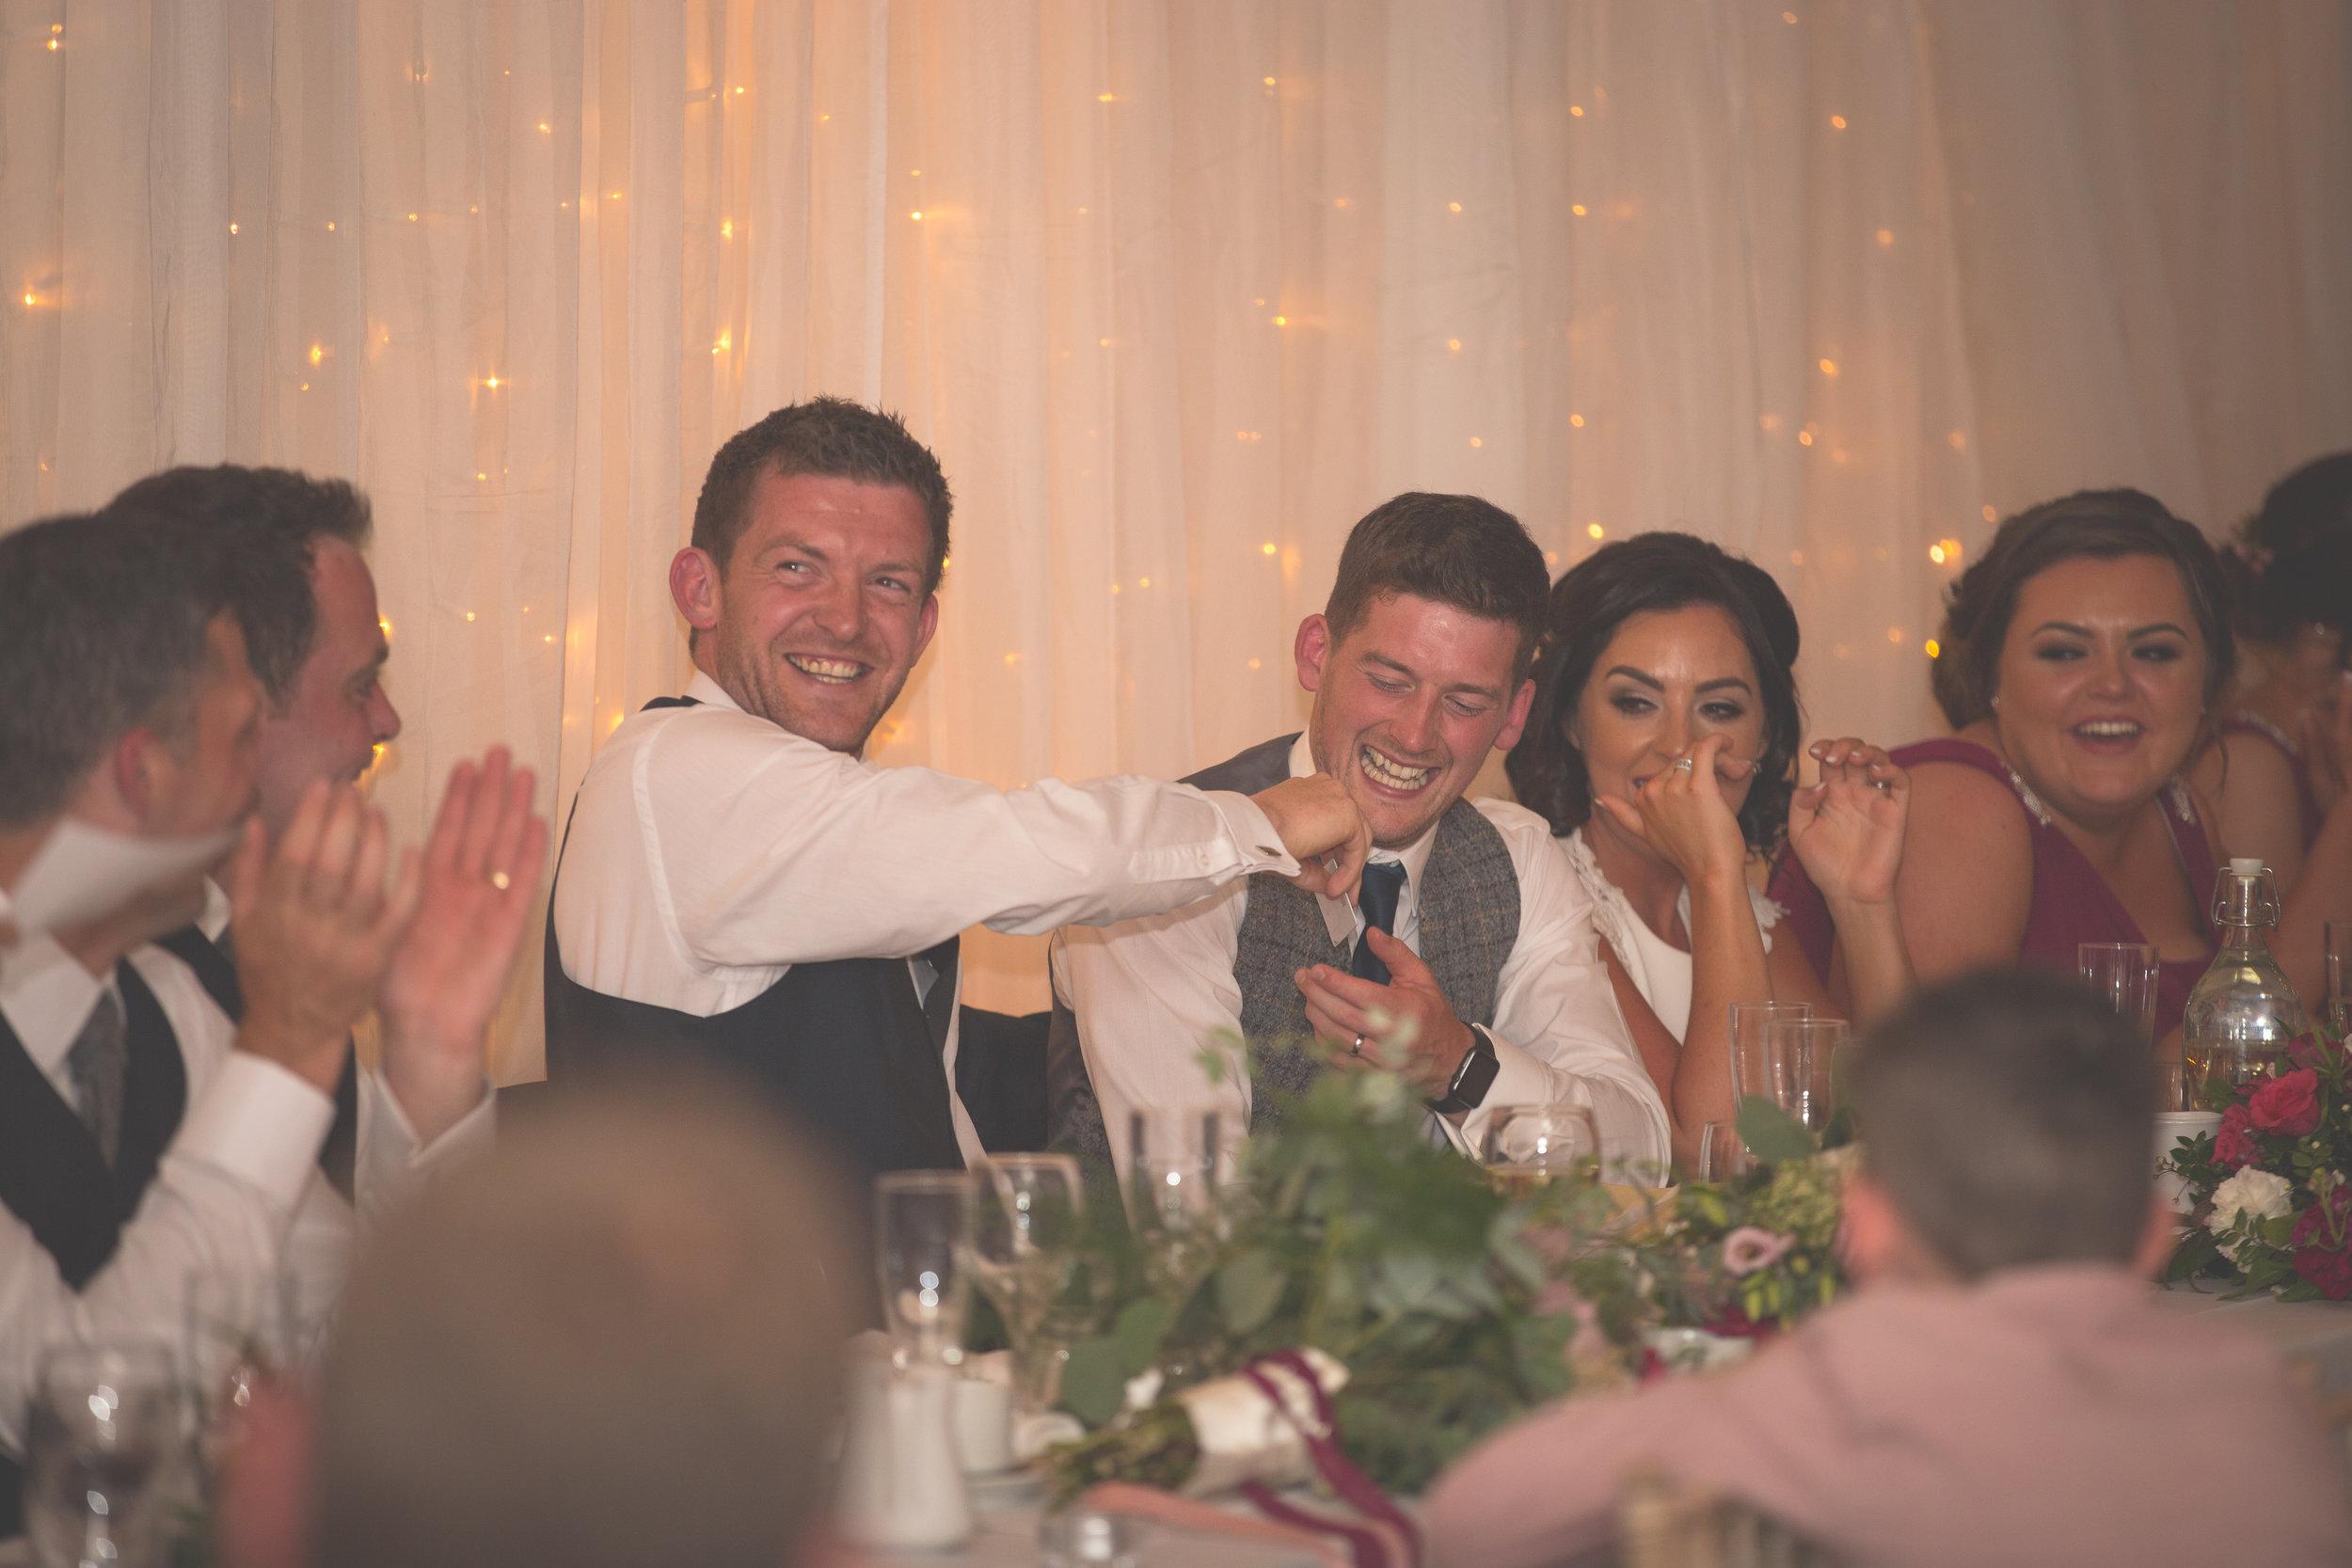 Brian McEwan Wedding Photography | Carol-Anne & Sean | The Speeches-116.jpg